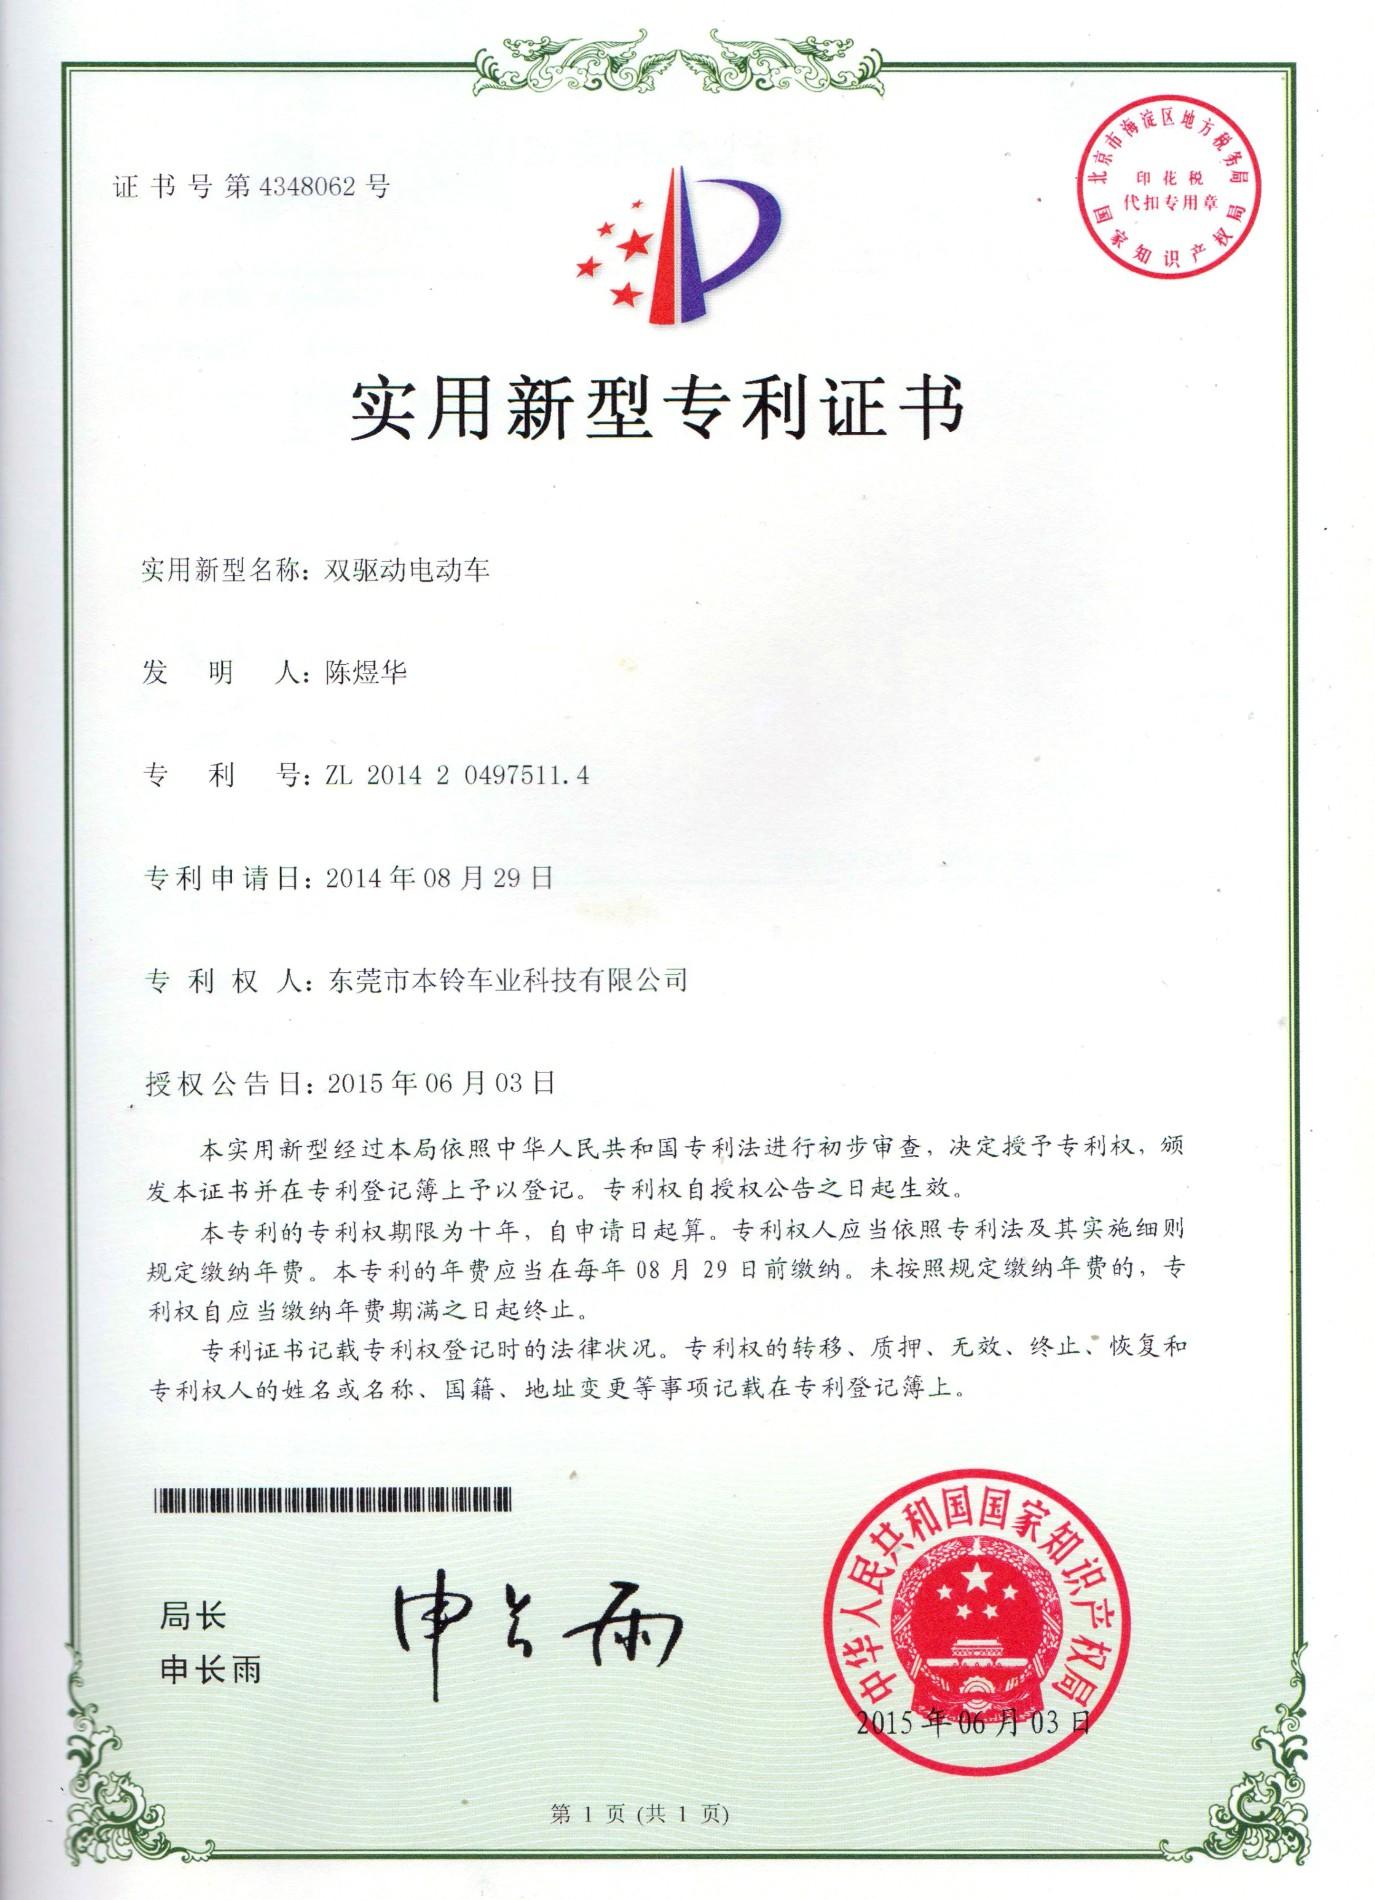 Dual Drive Electric Bike Certificate